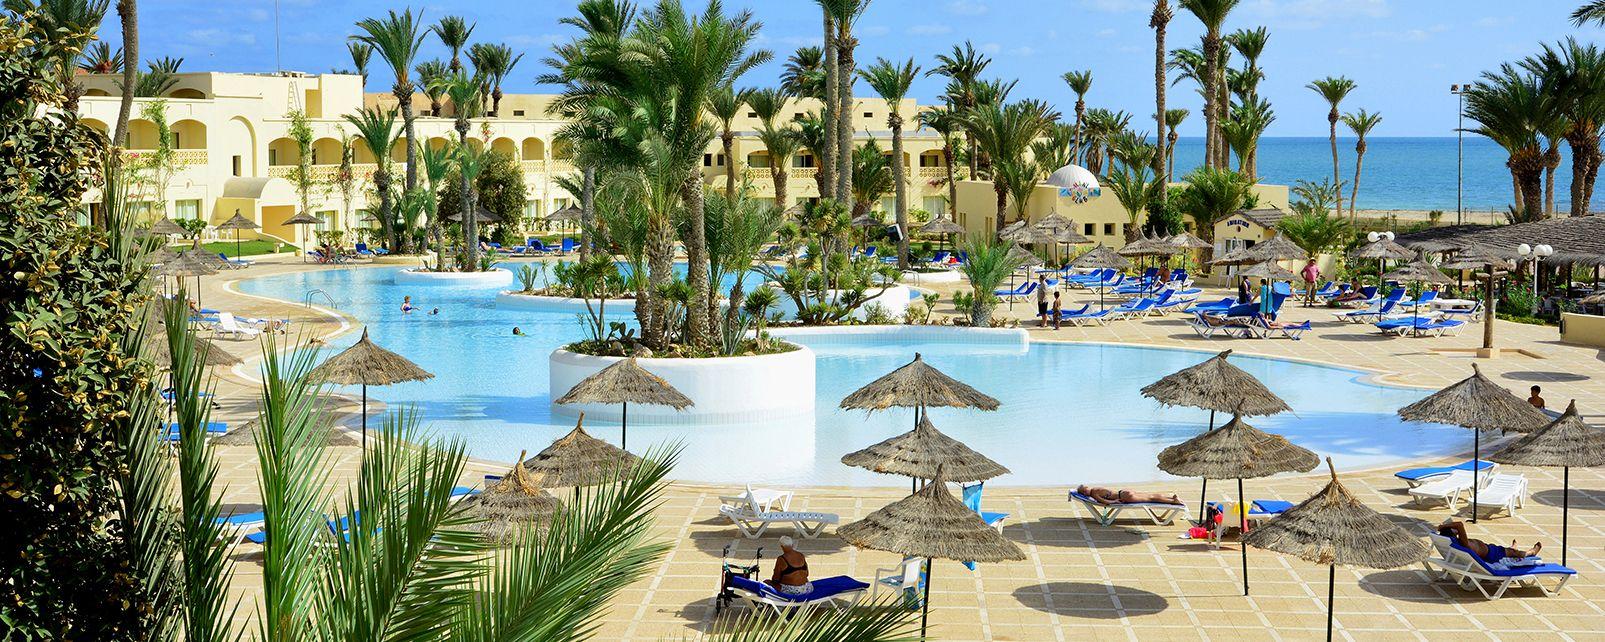 Hôtel Zephir Hotel and Spa